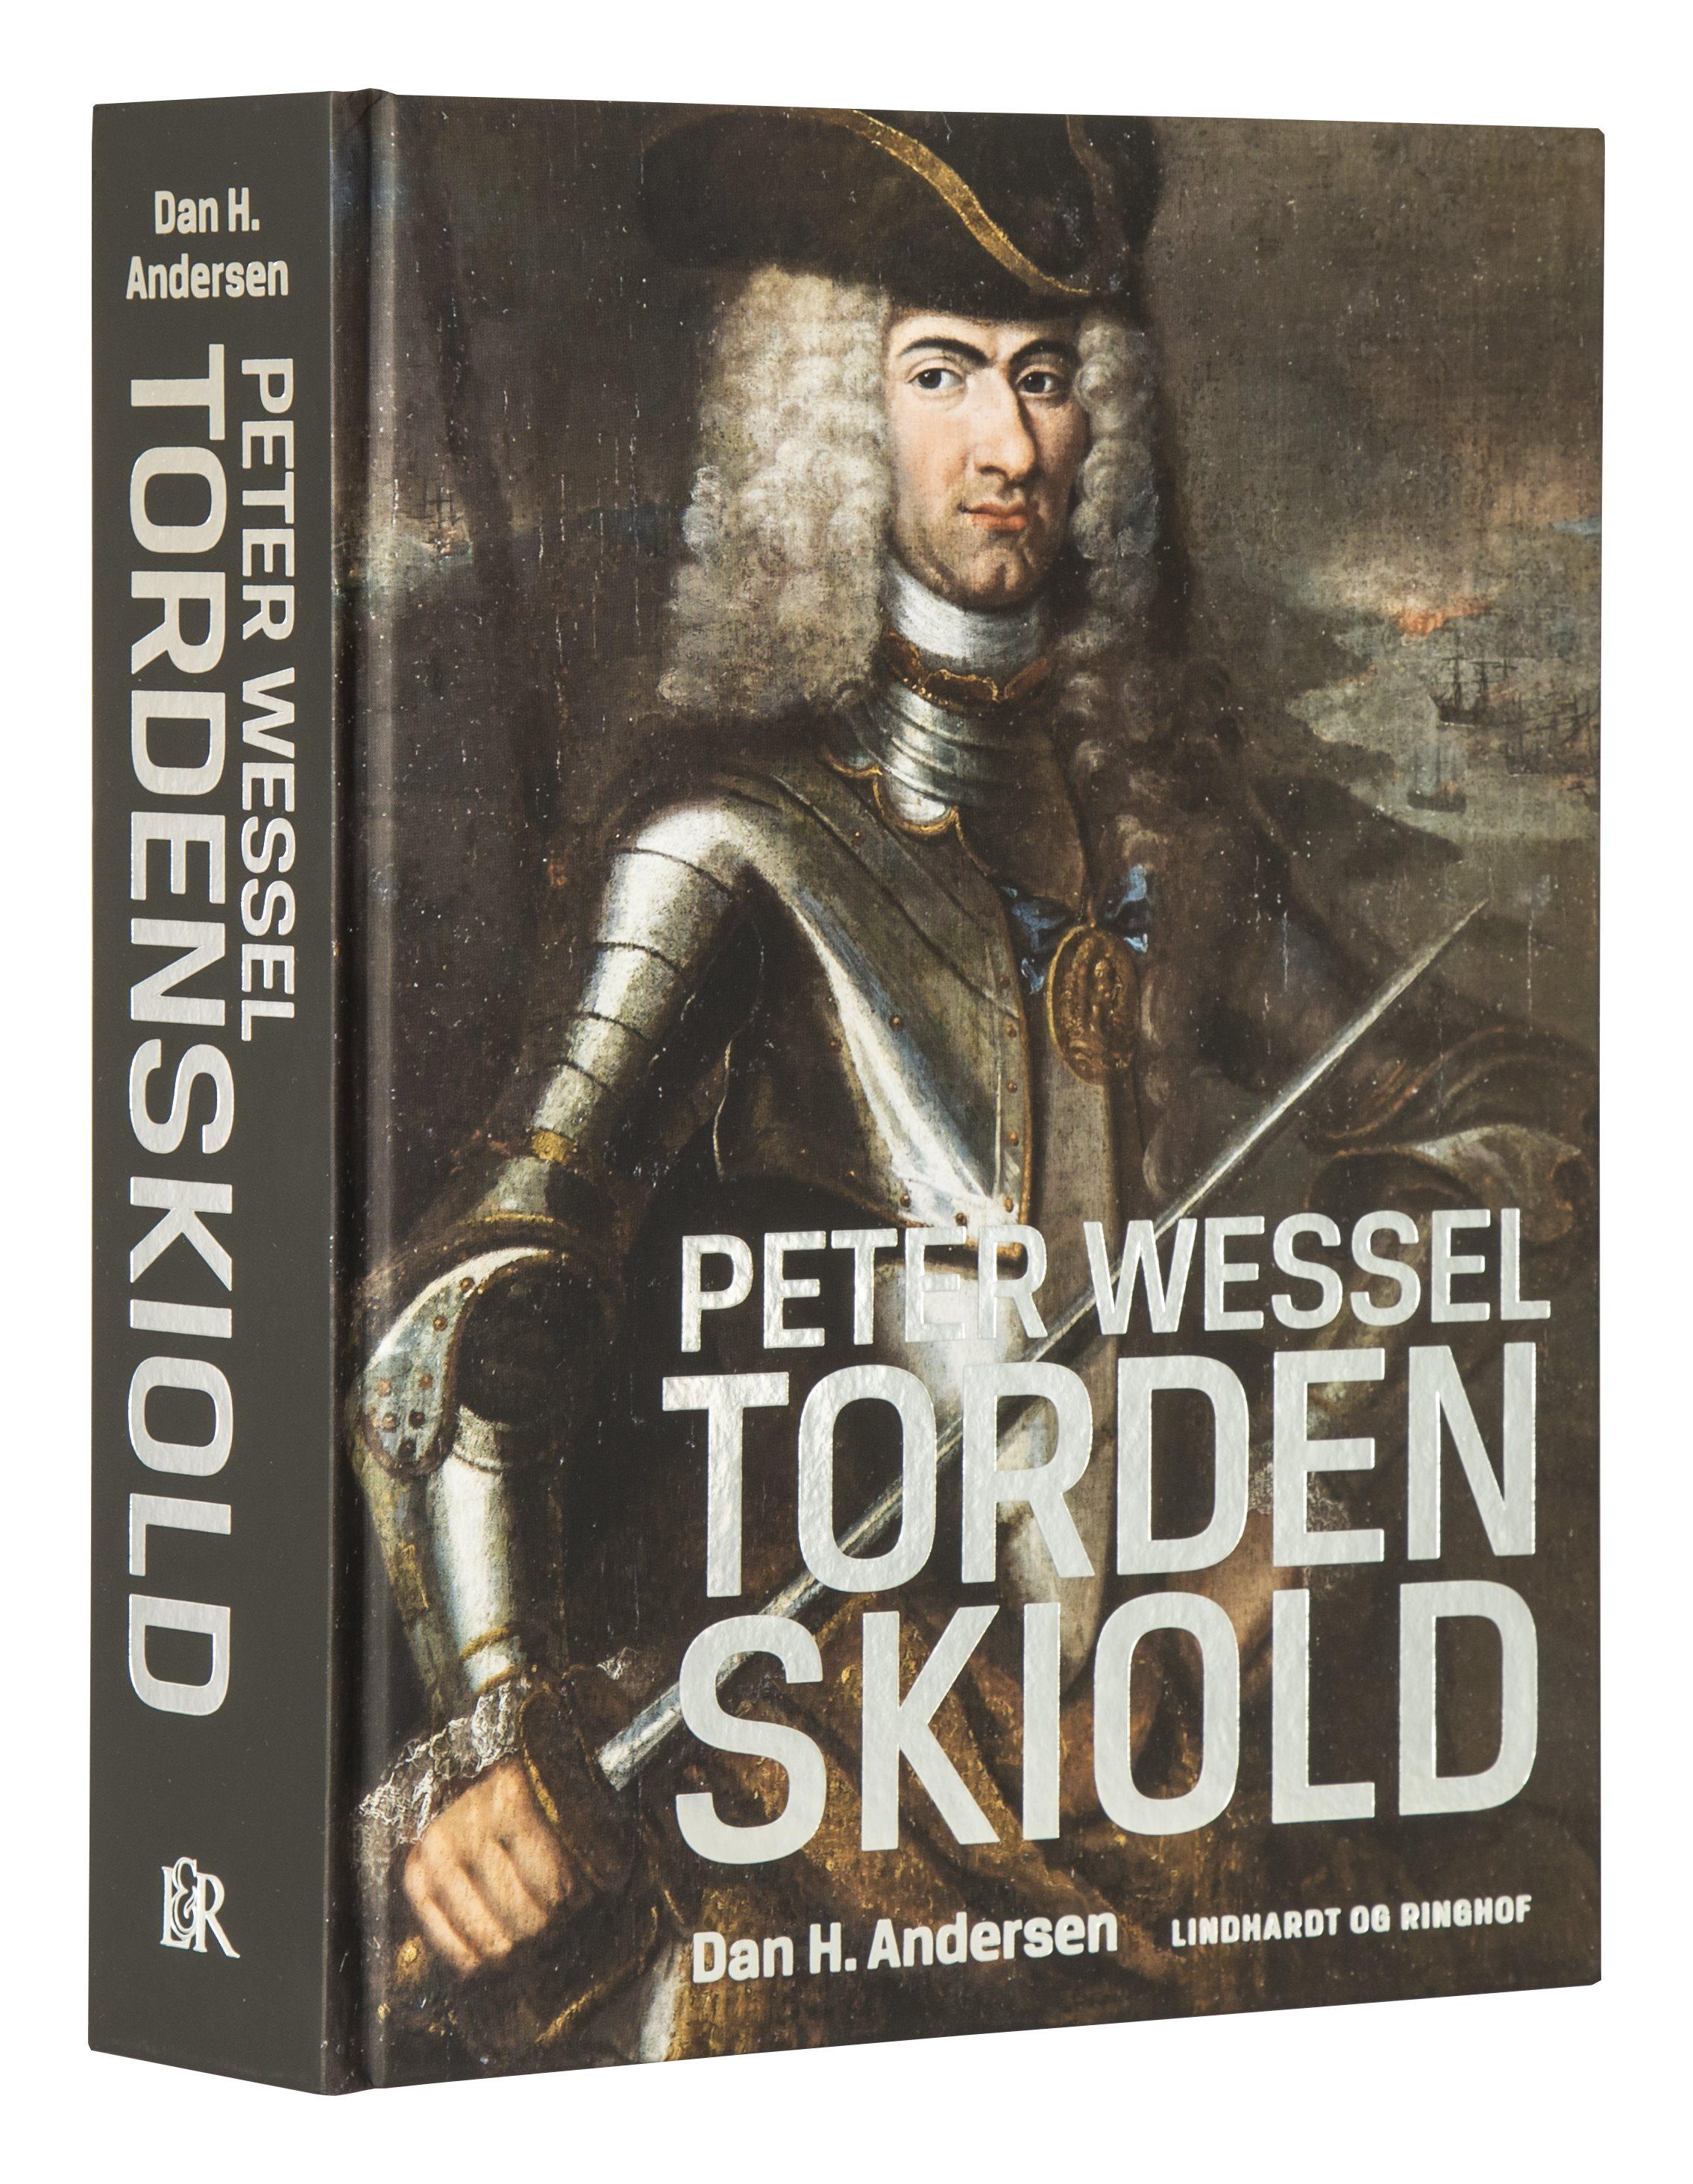 peter wessel tordenskiold biografi